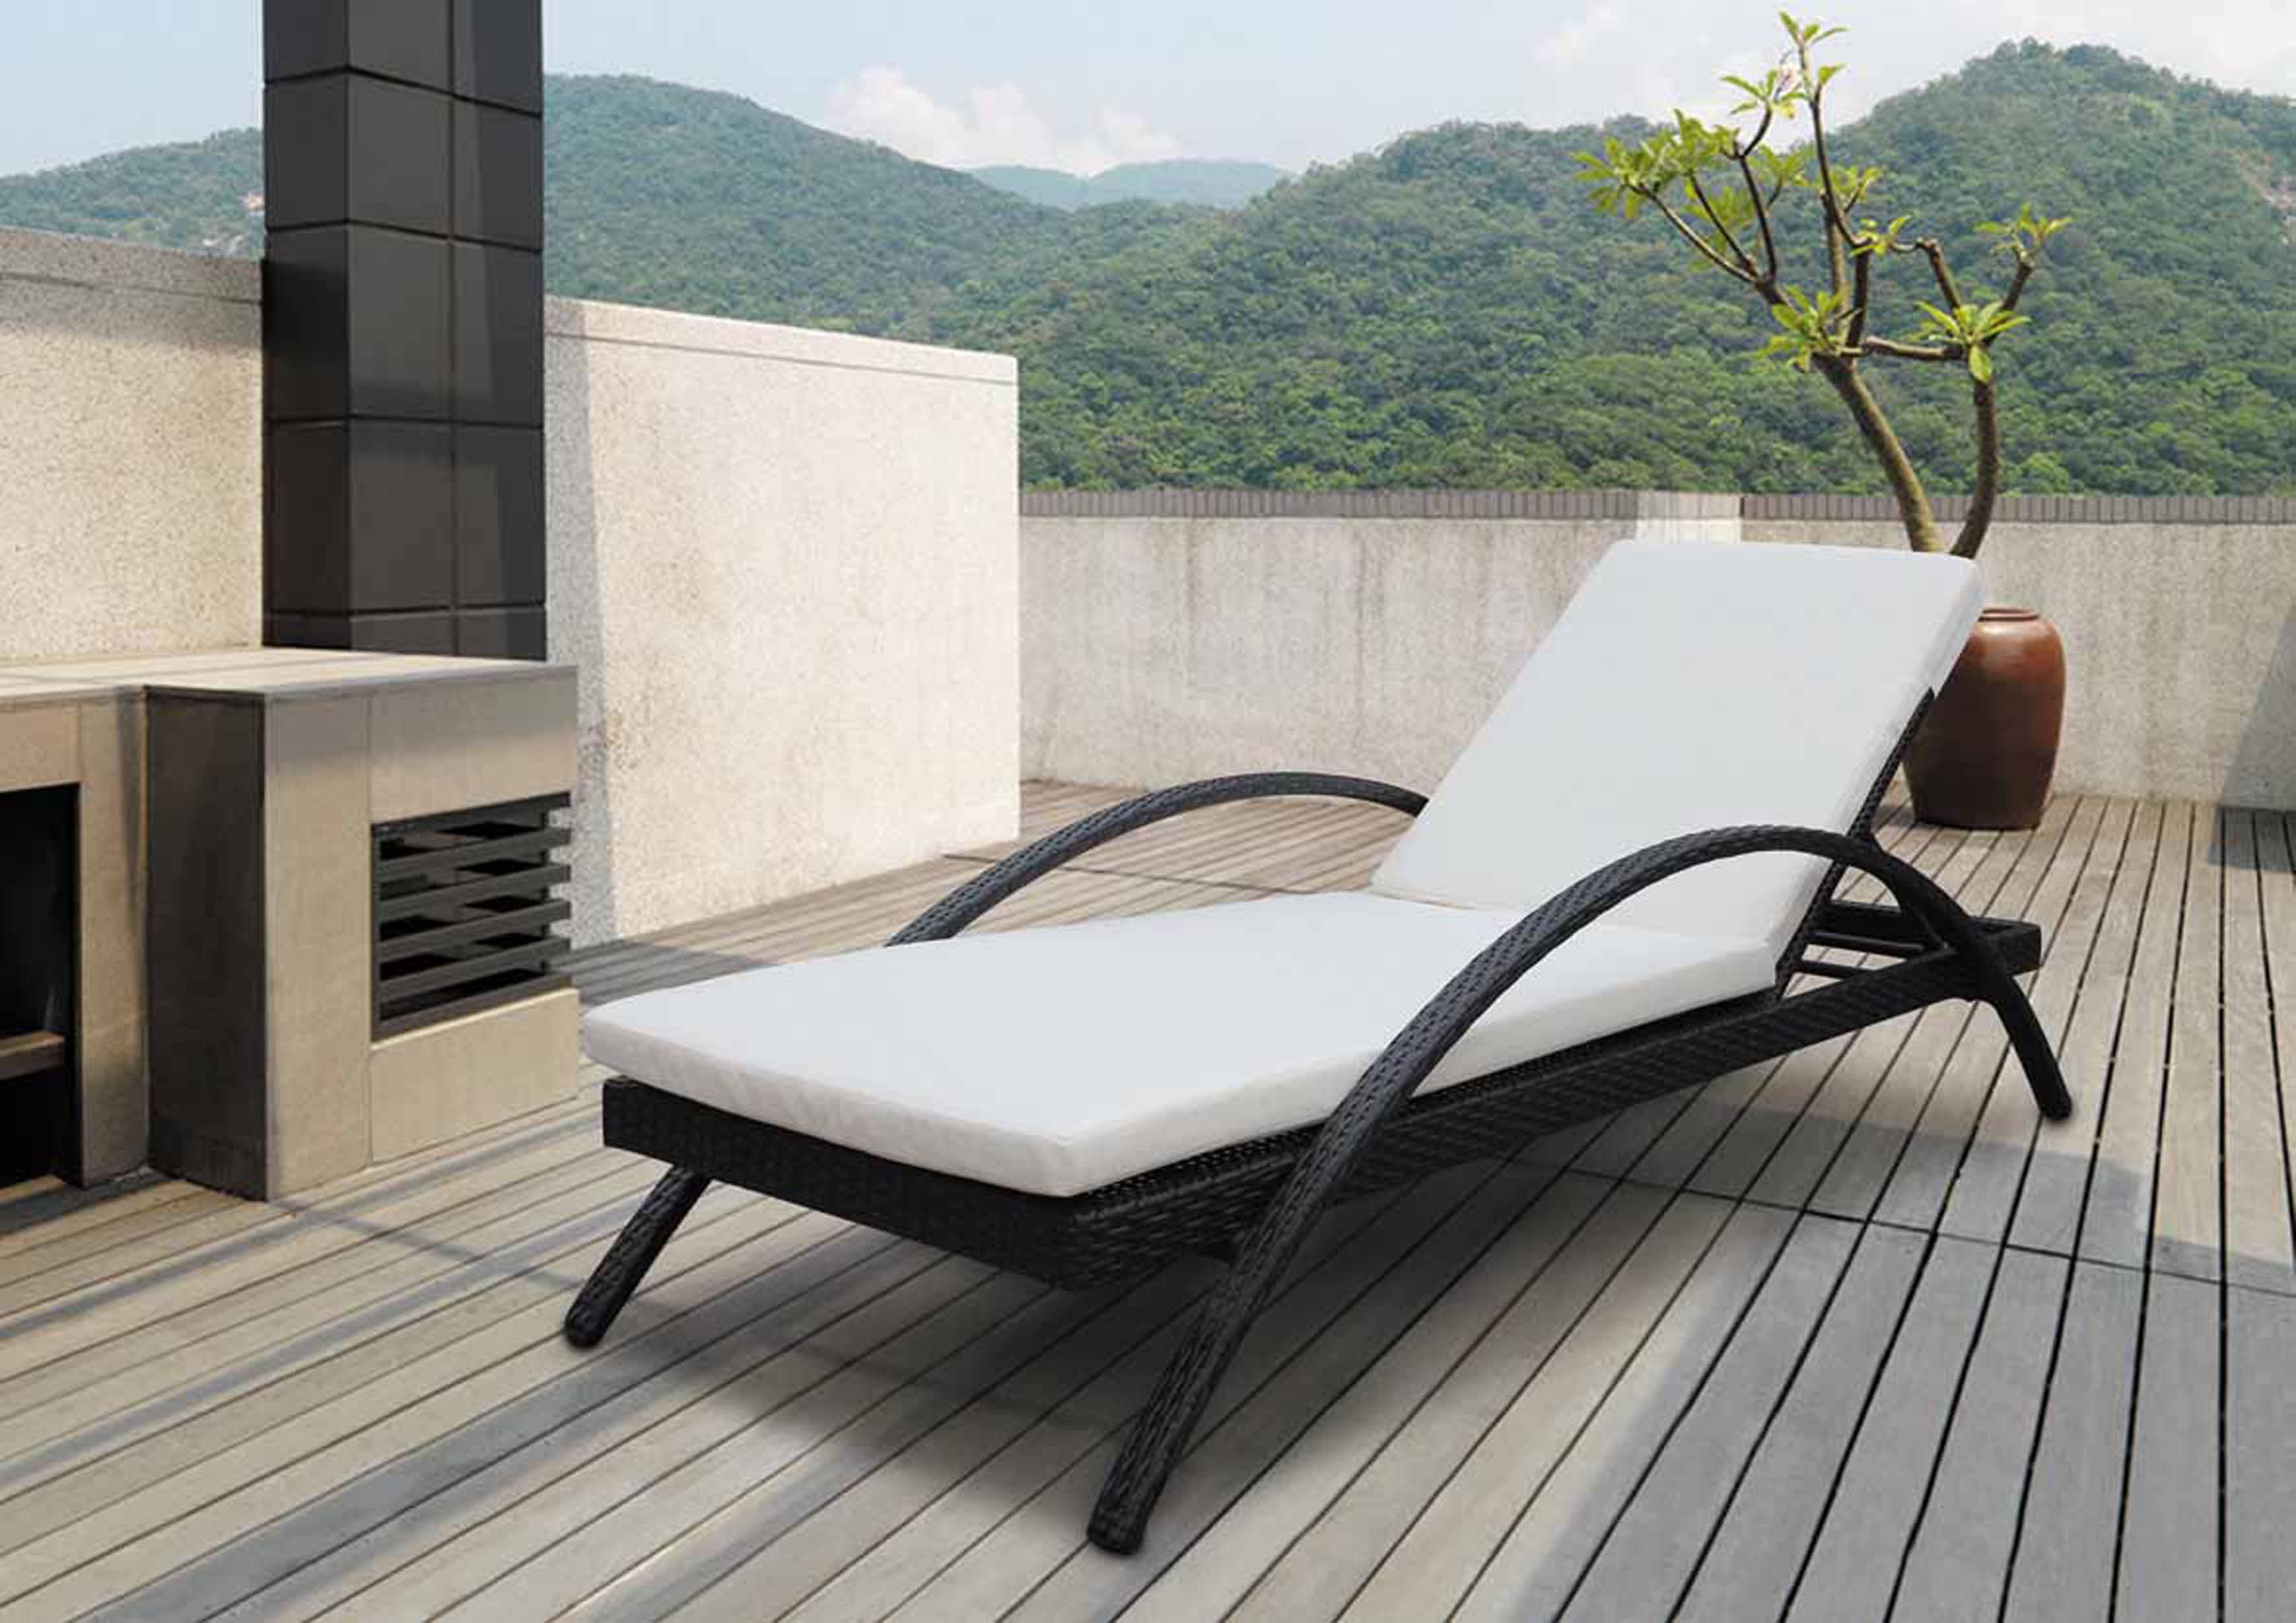 sol seng Rocka Møbler | Solseng BM 5121 sol seng